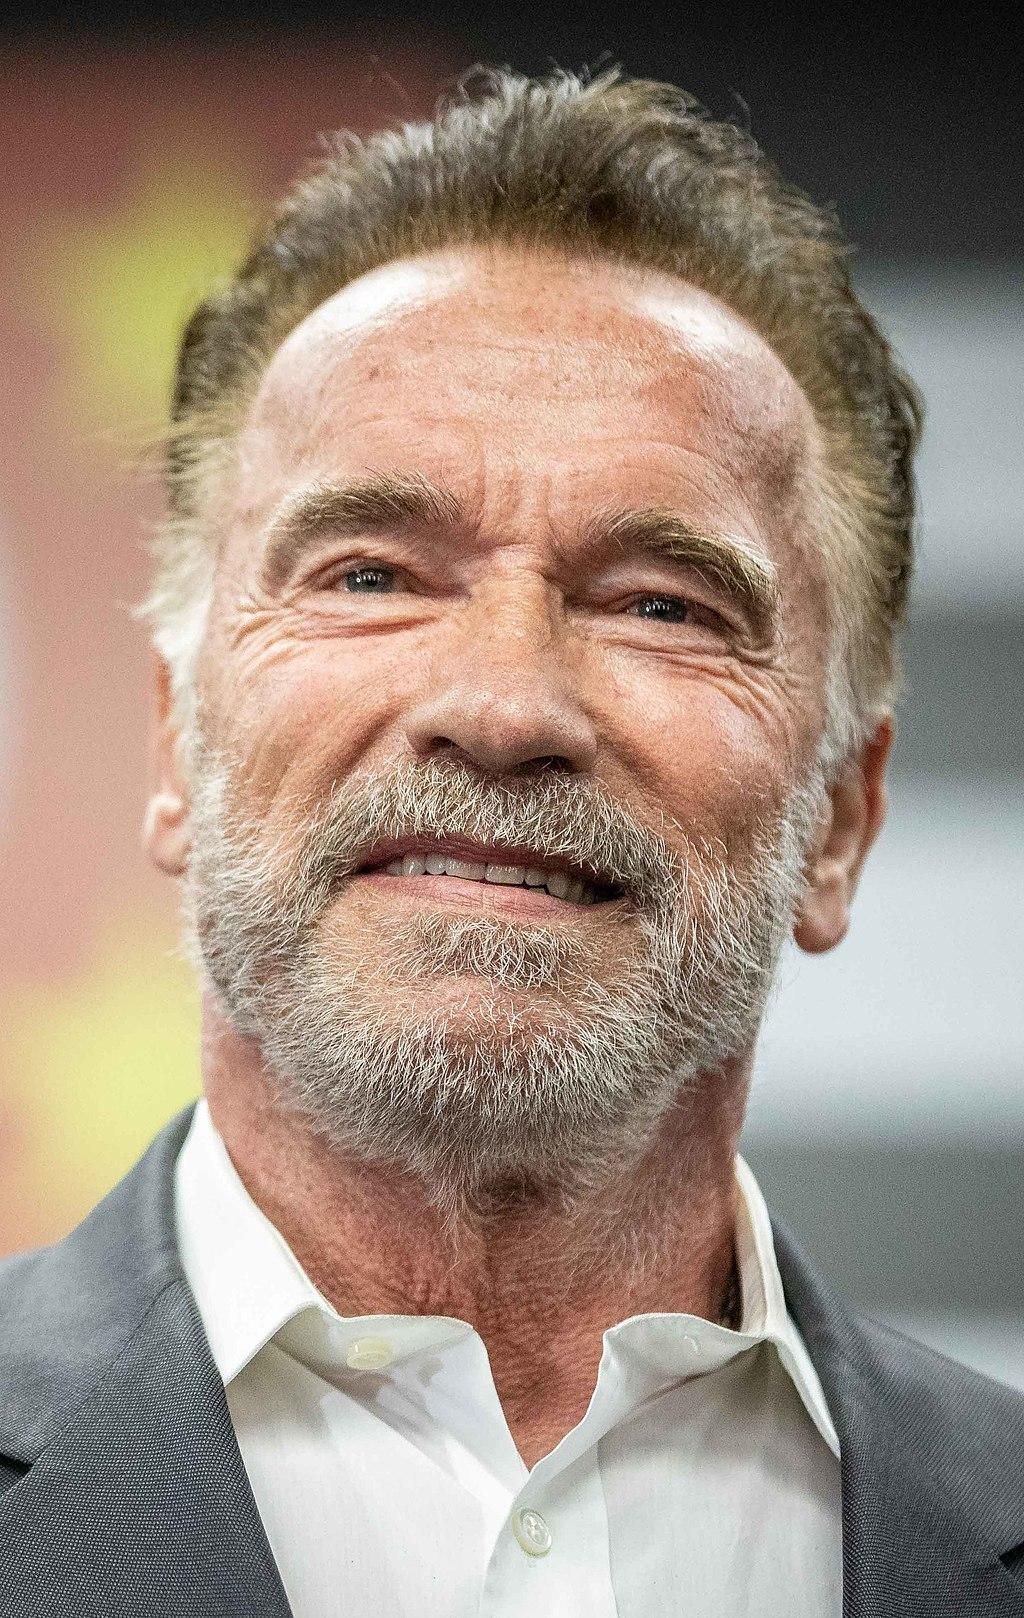 アーノルド・シュワルツェネッガー(Arnold Schwarzenegger)Wikipediaより